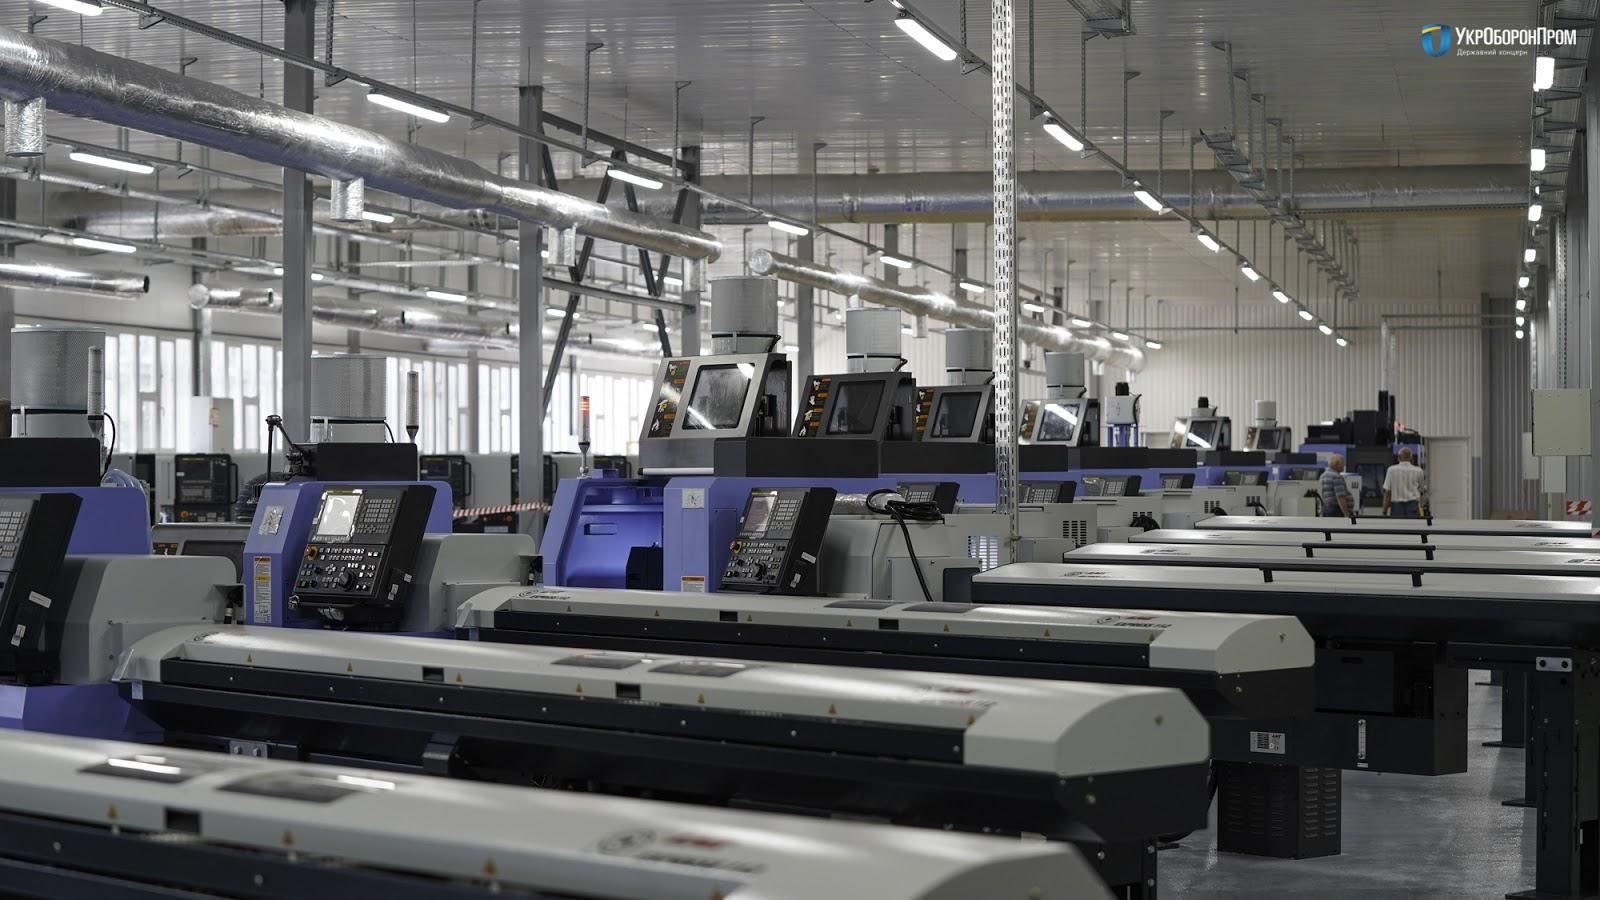 У Шостці створюють високоточний центр для виробництва боєпрпиасів